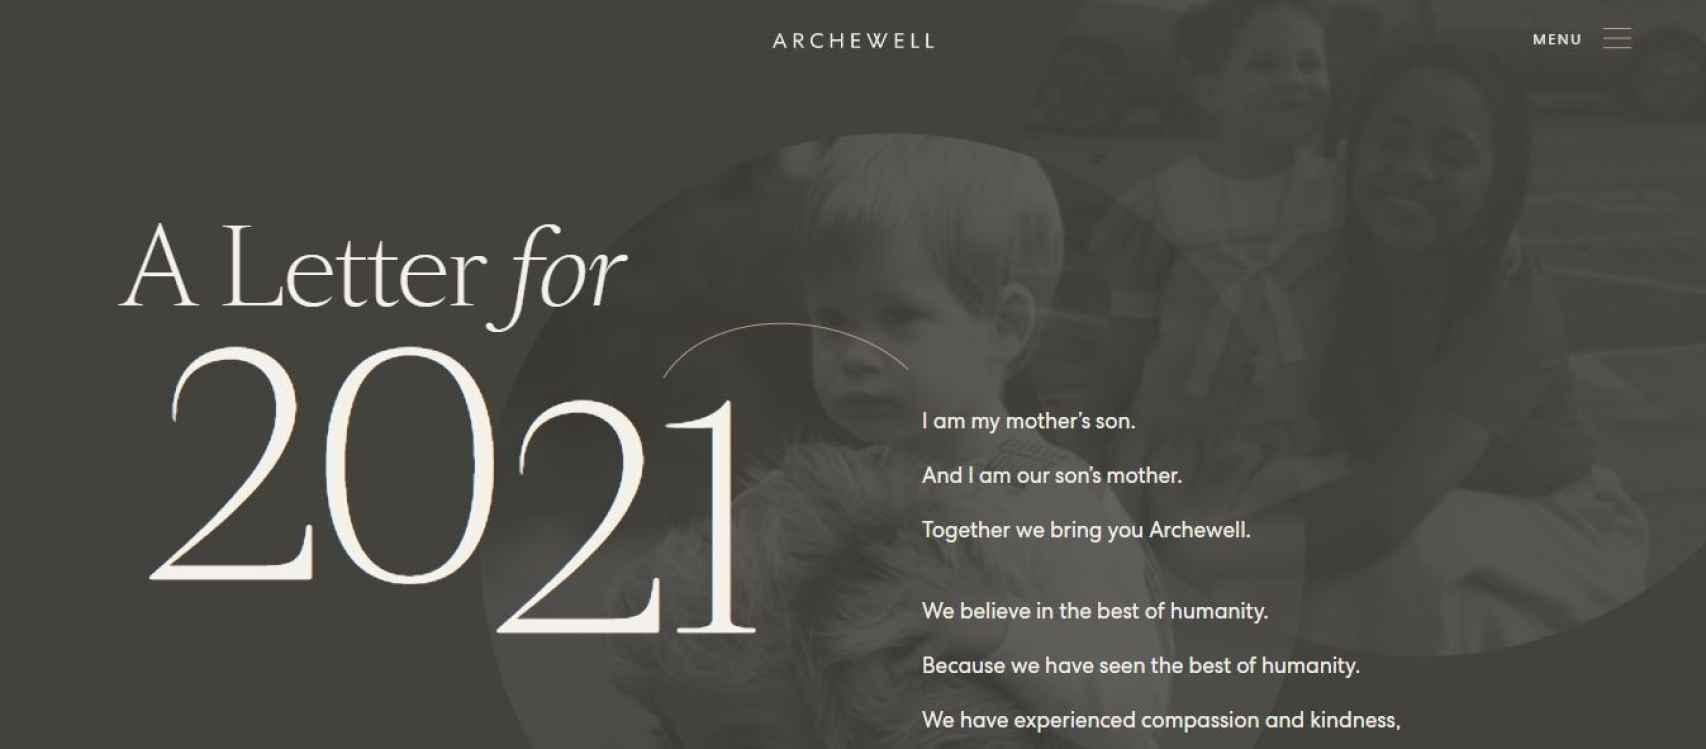 Captura de la web Archewell, con las imágenes de la infancia de Harry y Meghan.